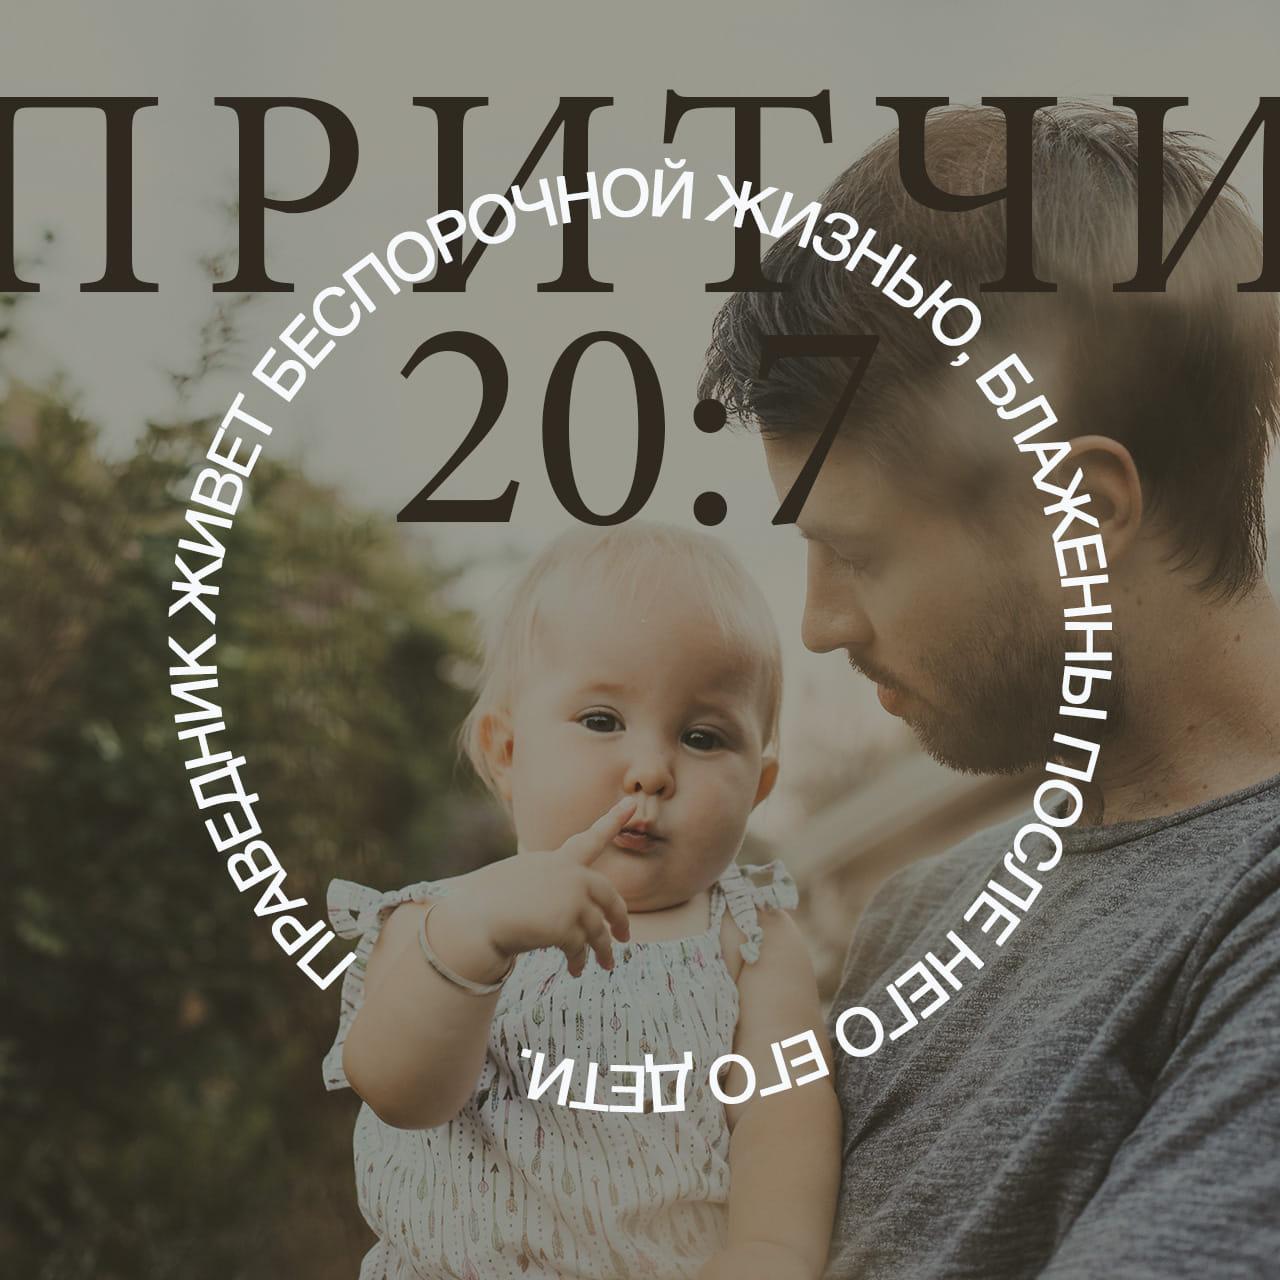 Притчи Соломона 20:7 фото-стих